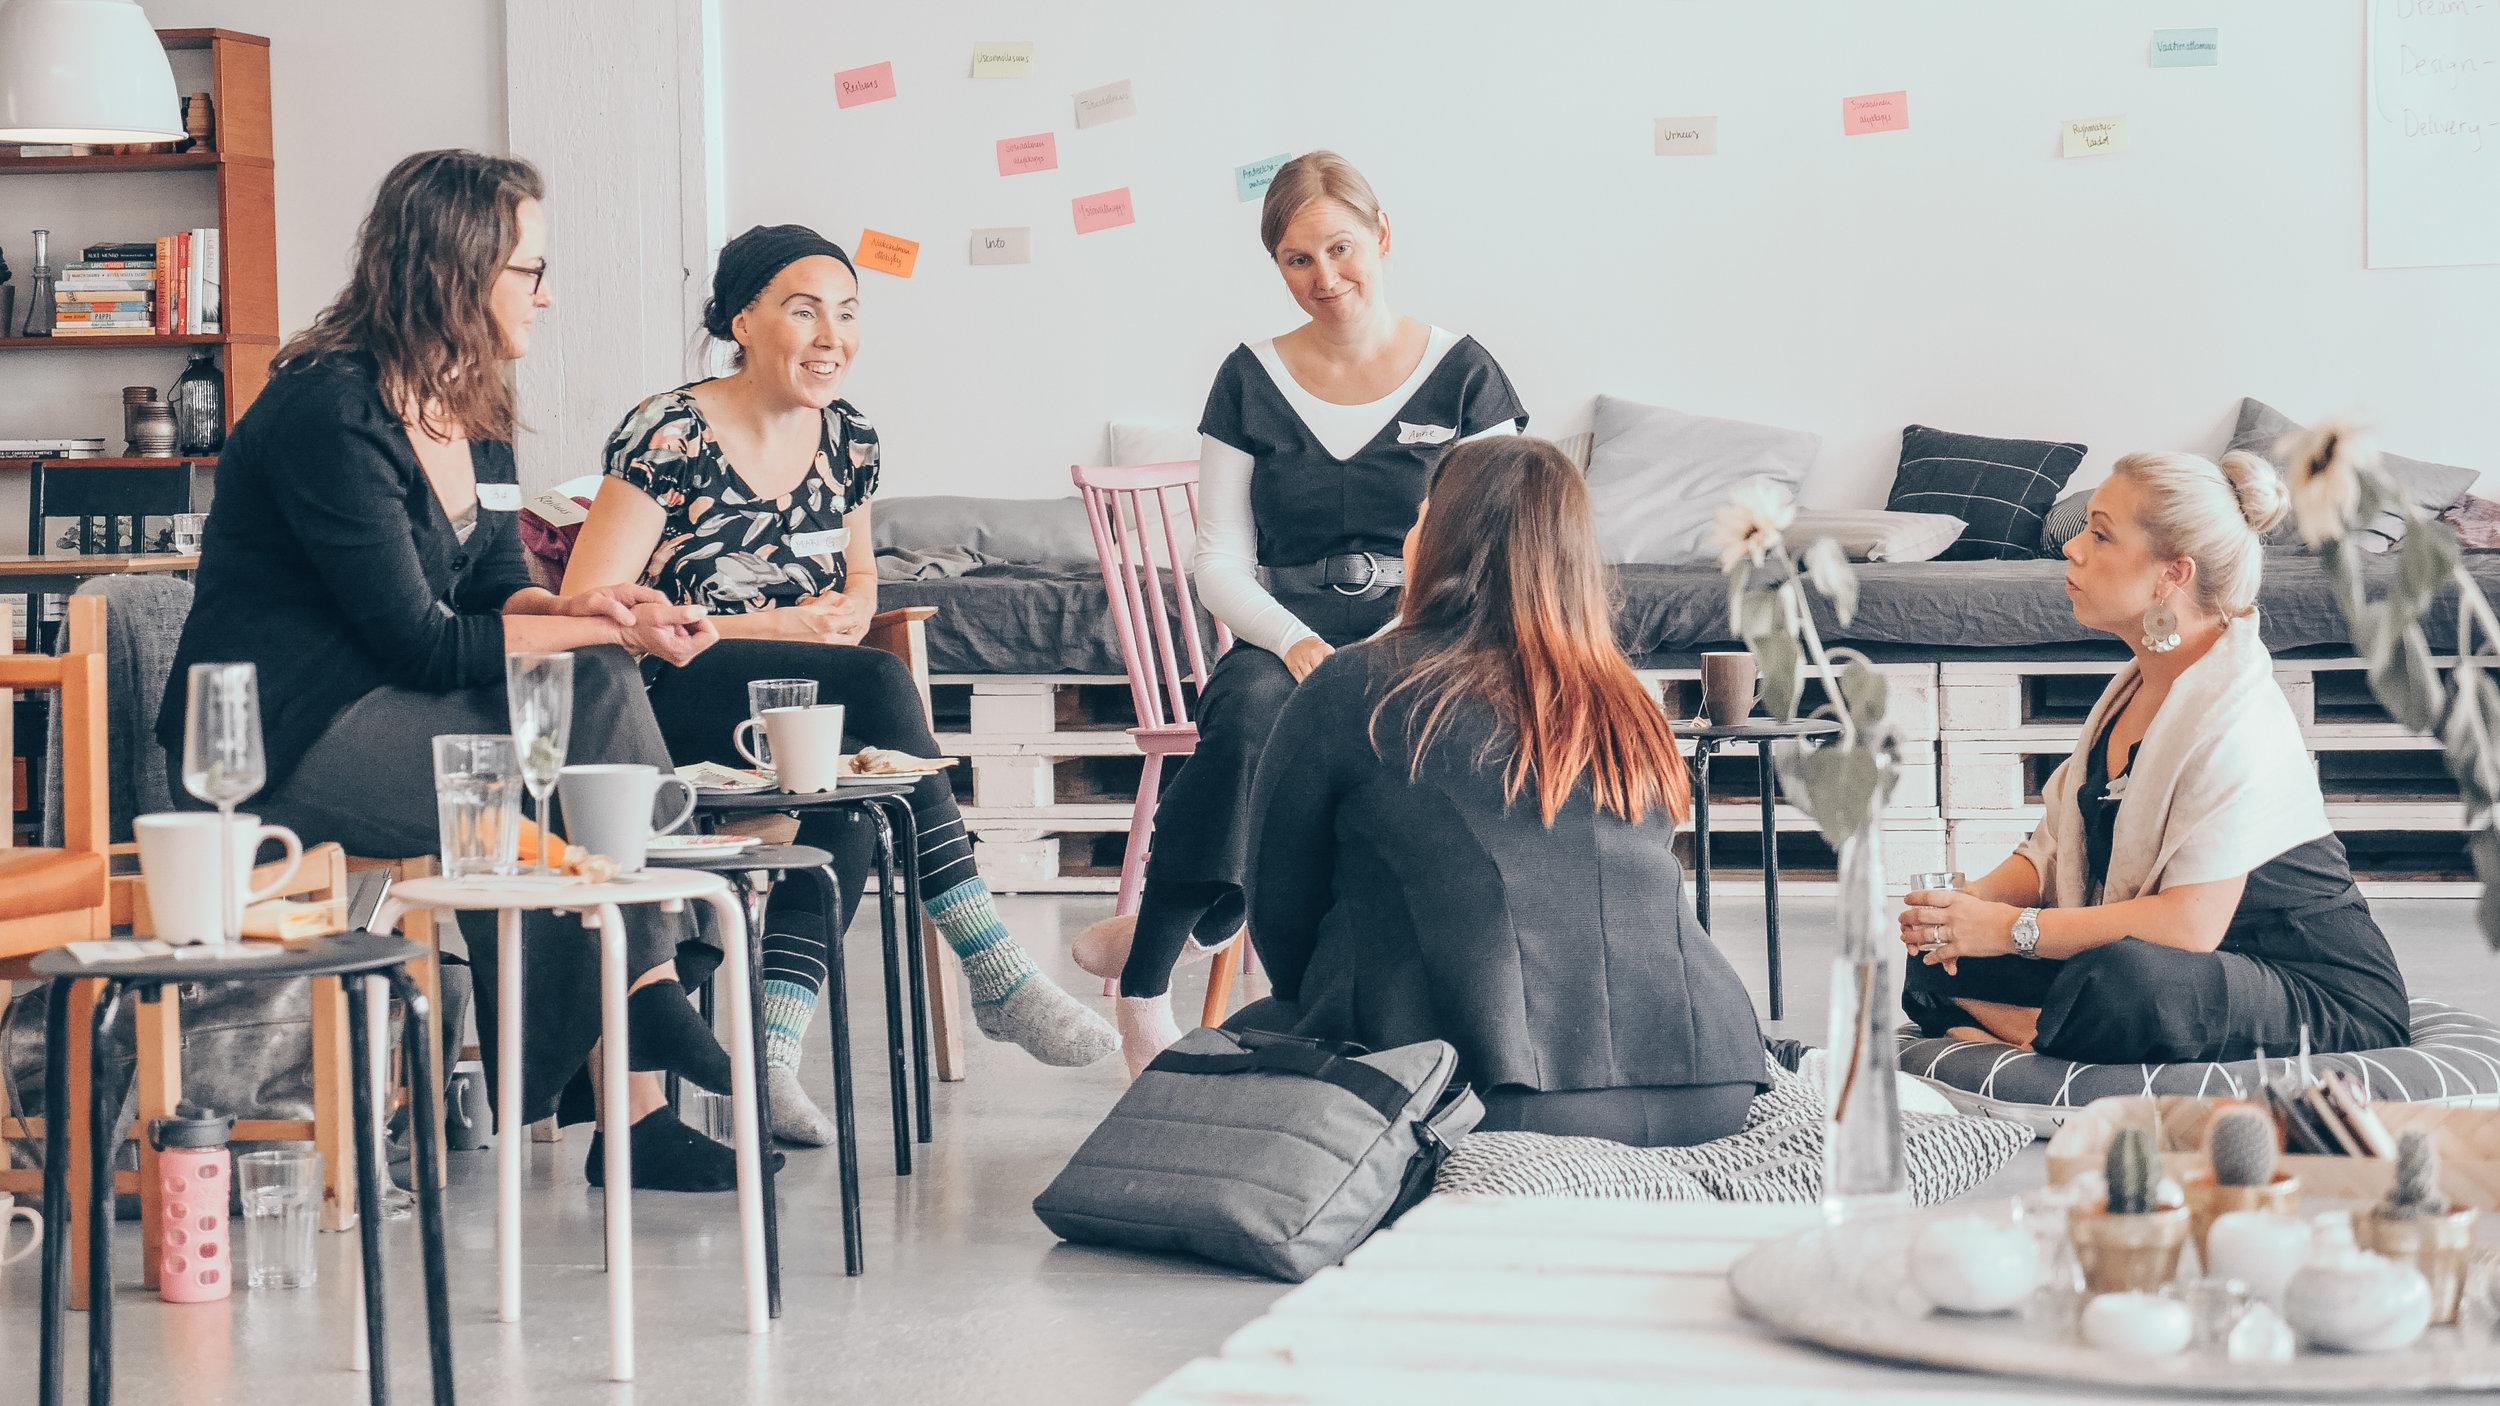 Rentoa ajatusten vaihtoa kahvin ja kakkujen äärellä Kukoistuskekkereillä syyskuussa 2018.